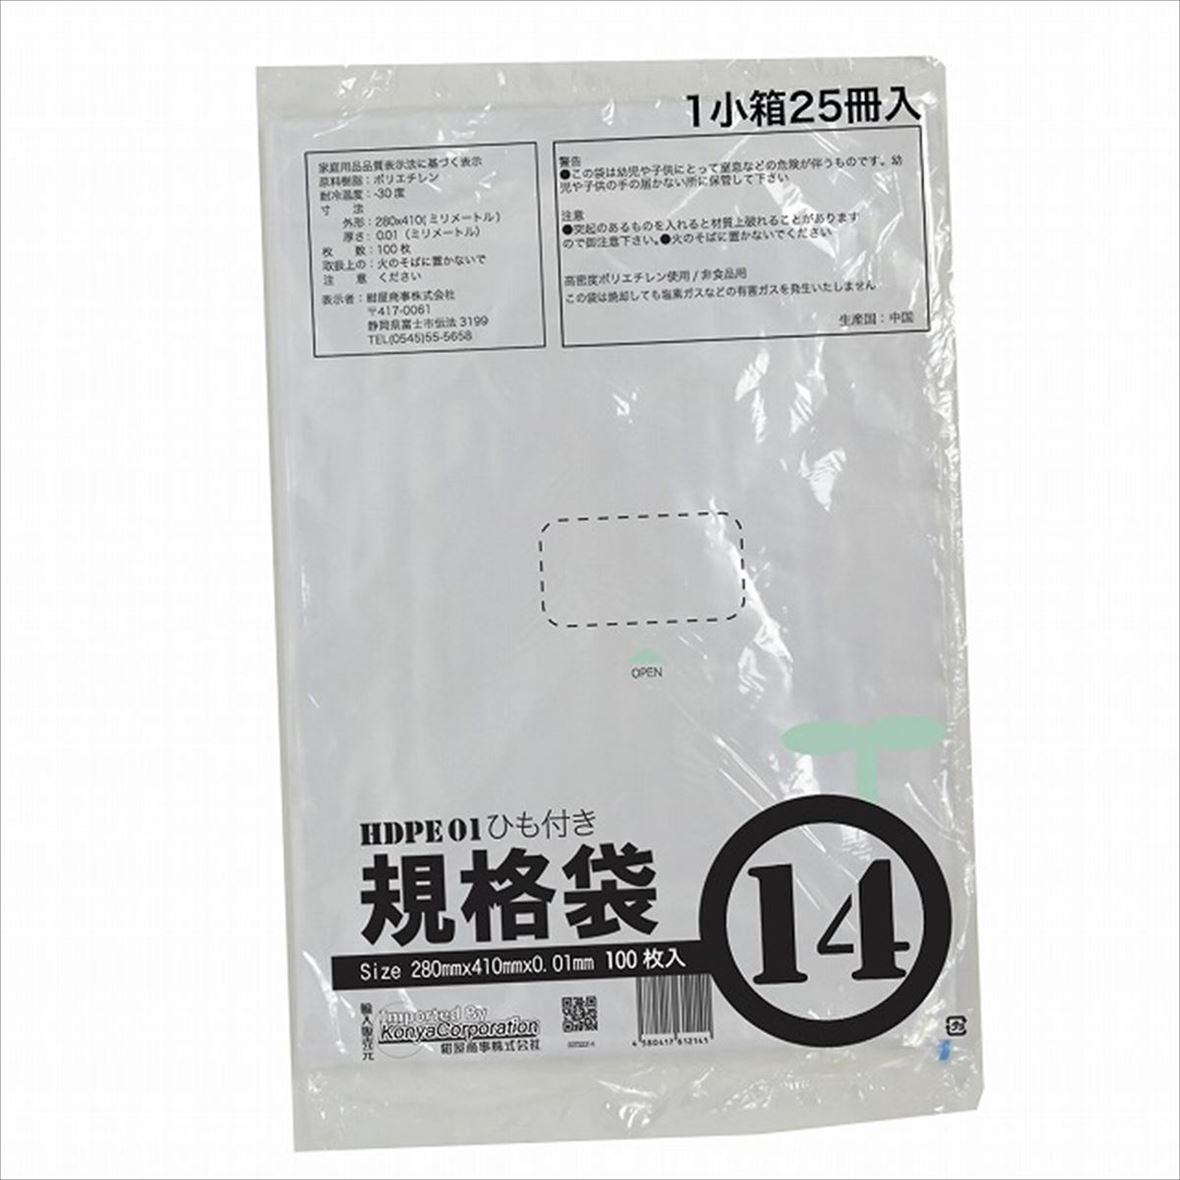 小箱売:ひも付ポリ袋01透明14号25冊入 迅速な対応で商品をお届け致します 返品送料無料